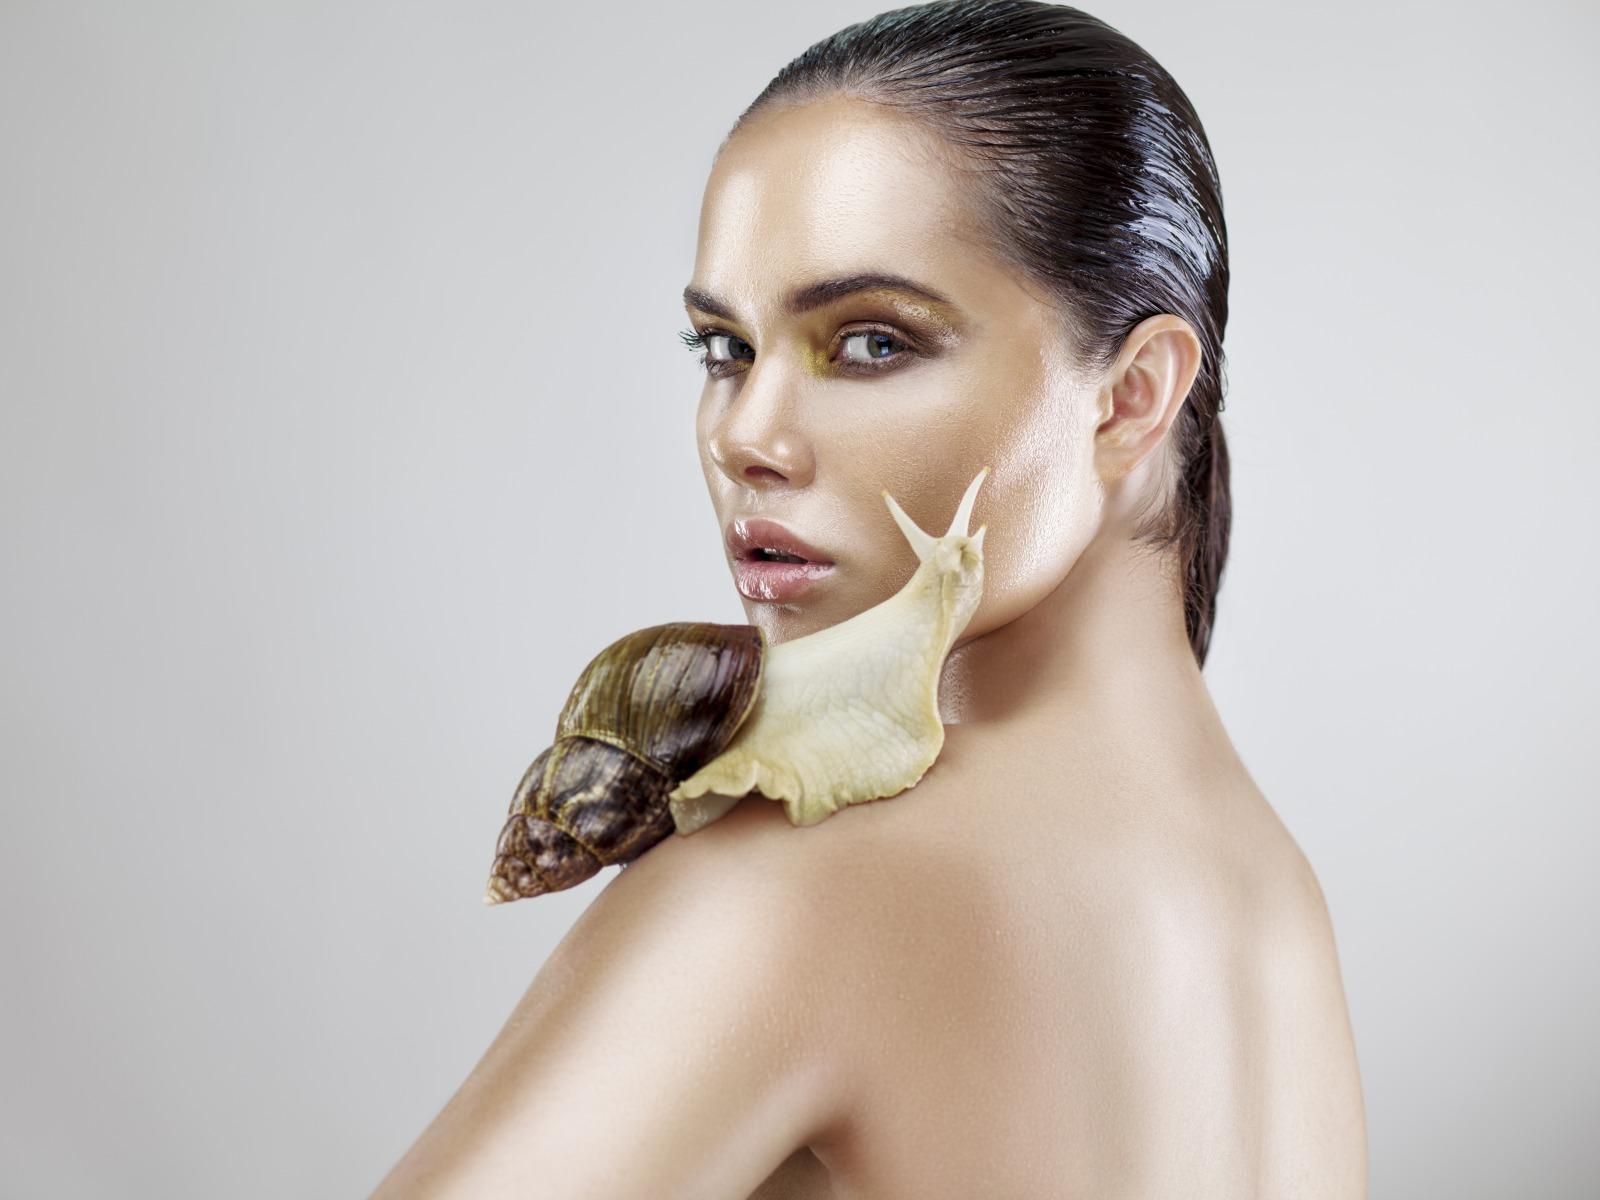 Массаж лица улитками – необычная омолаживающая процедура